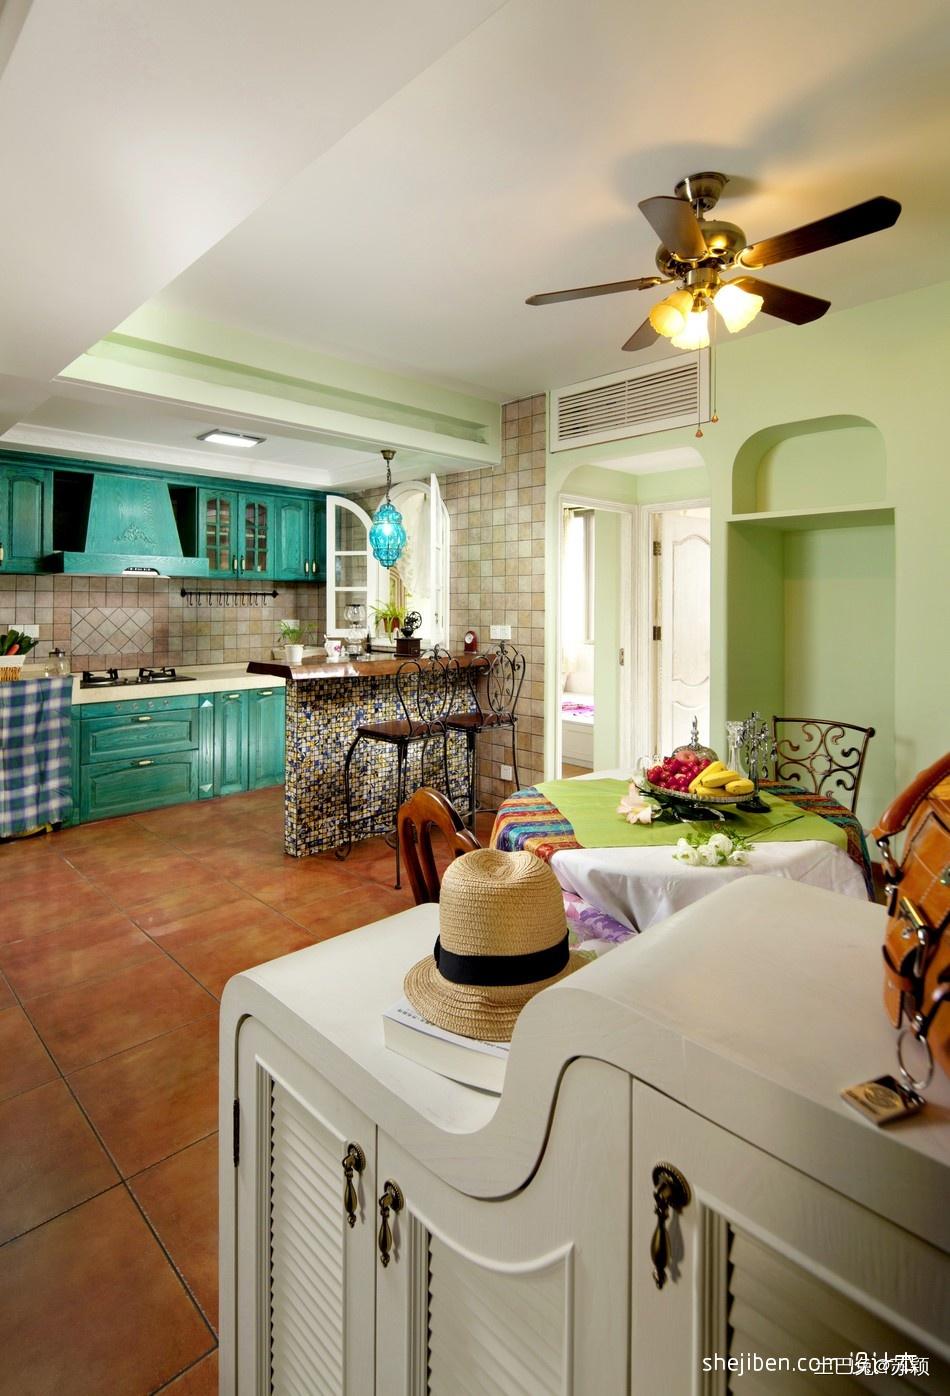 地中海风格开放式L型小面积家居厨房蓝色橱柜吧台客厅棕红色地砖装修效果图潮流混搭设计图片赏析